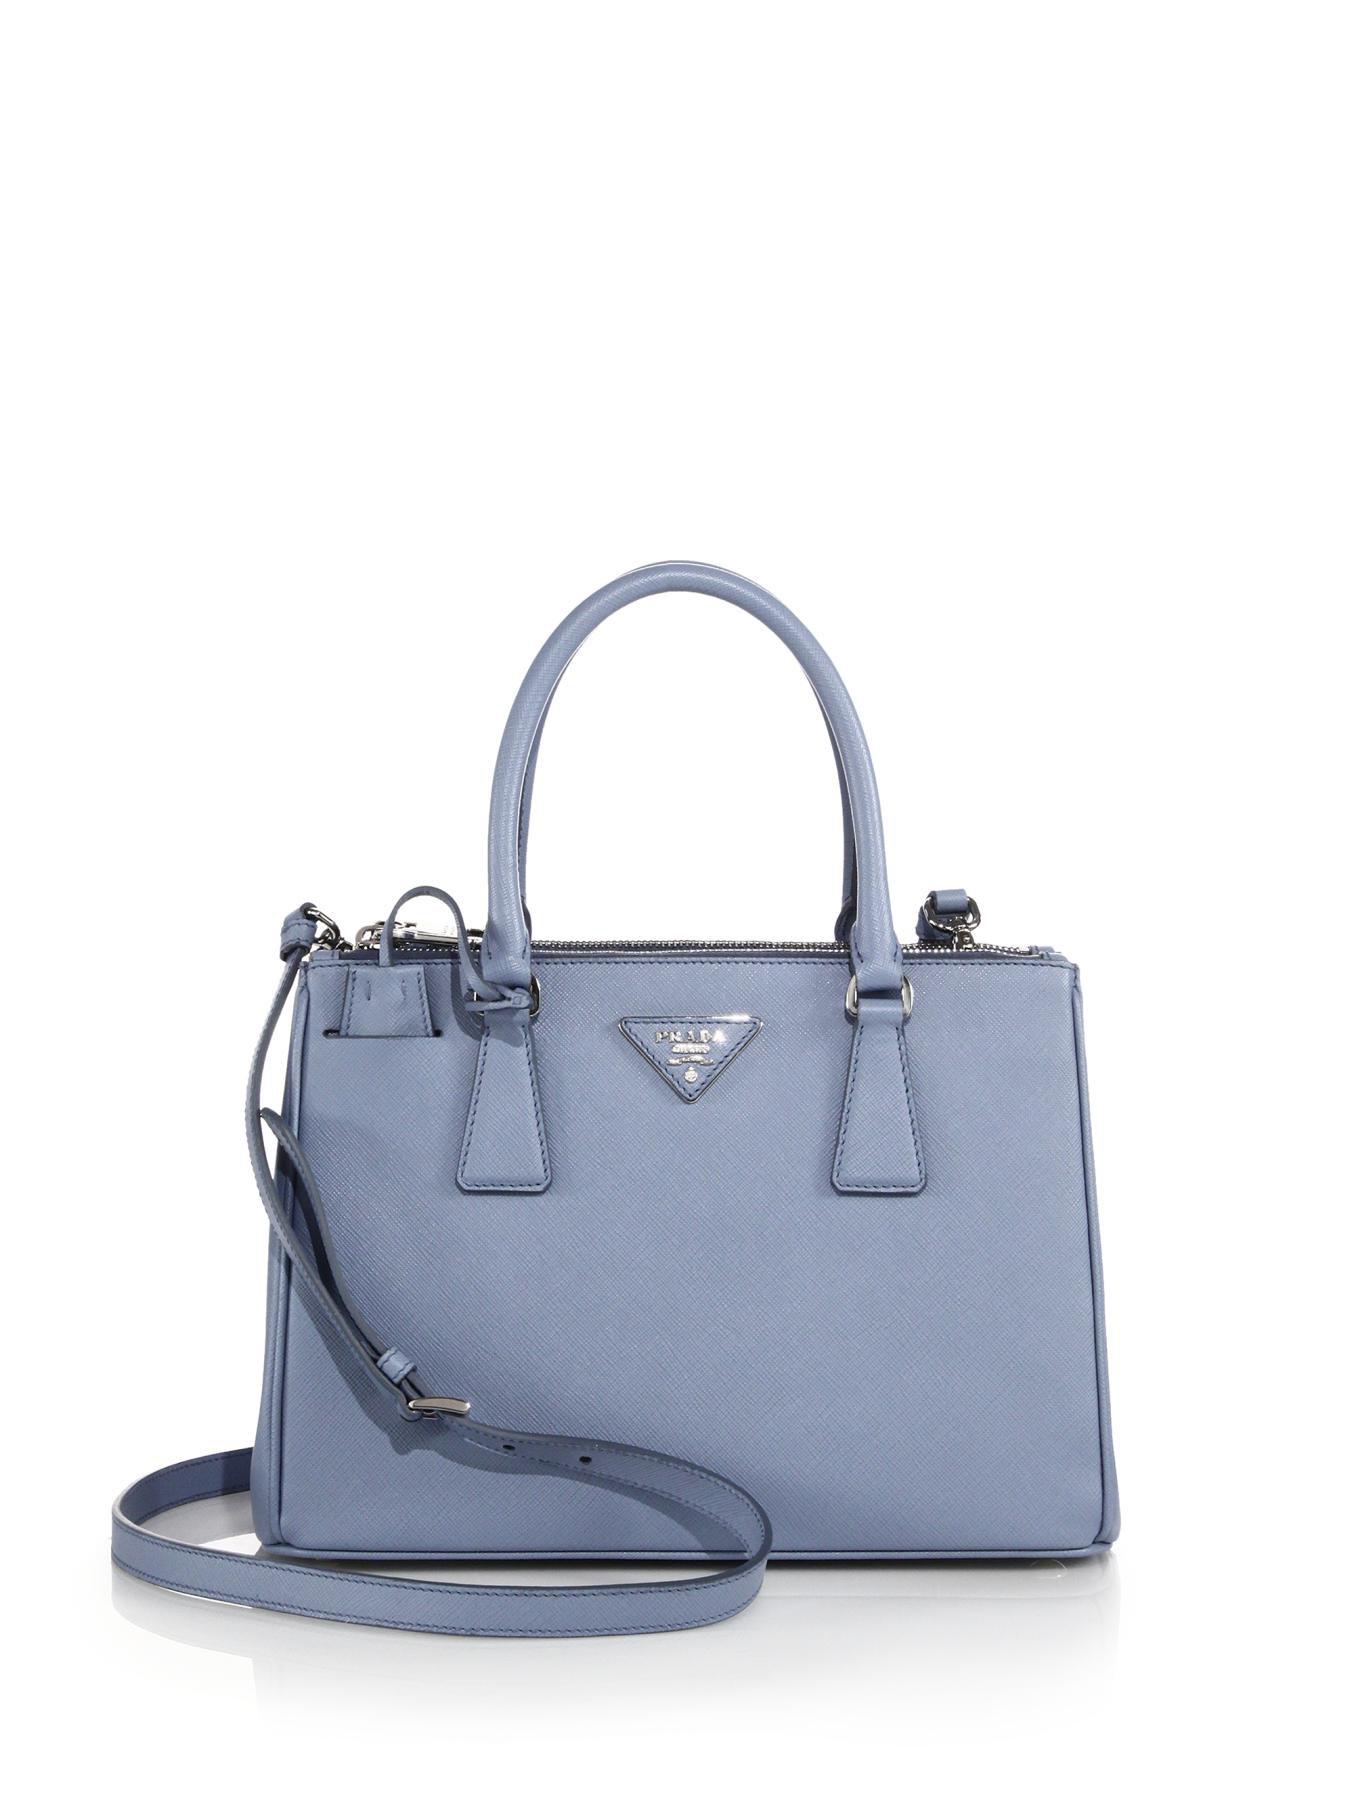 d4dcdf4e209a ... cheap lyst prada saffiano lux small double zip tote in blue e46c6 79704